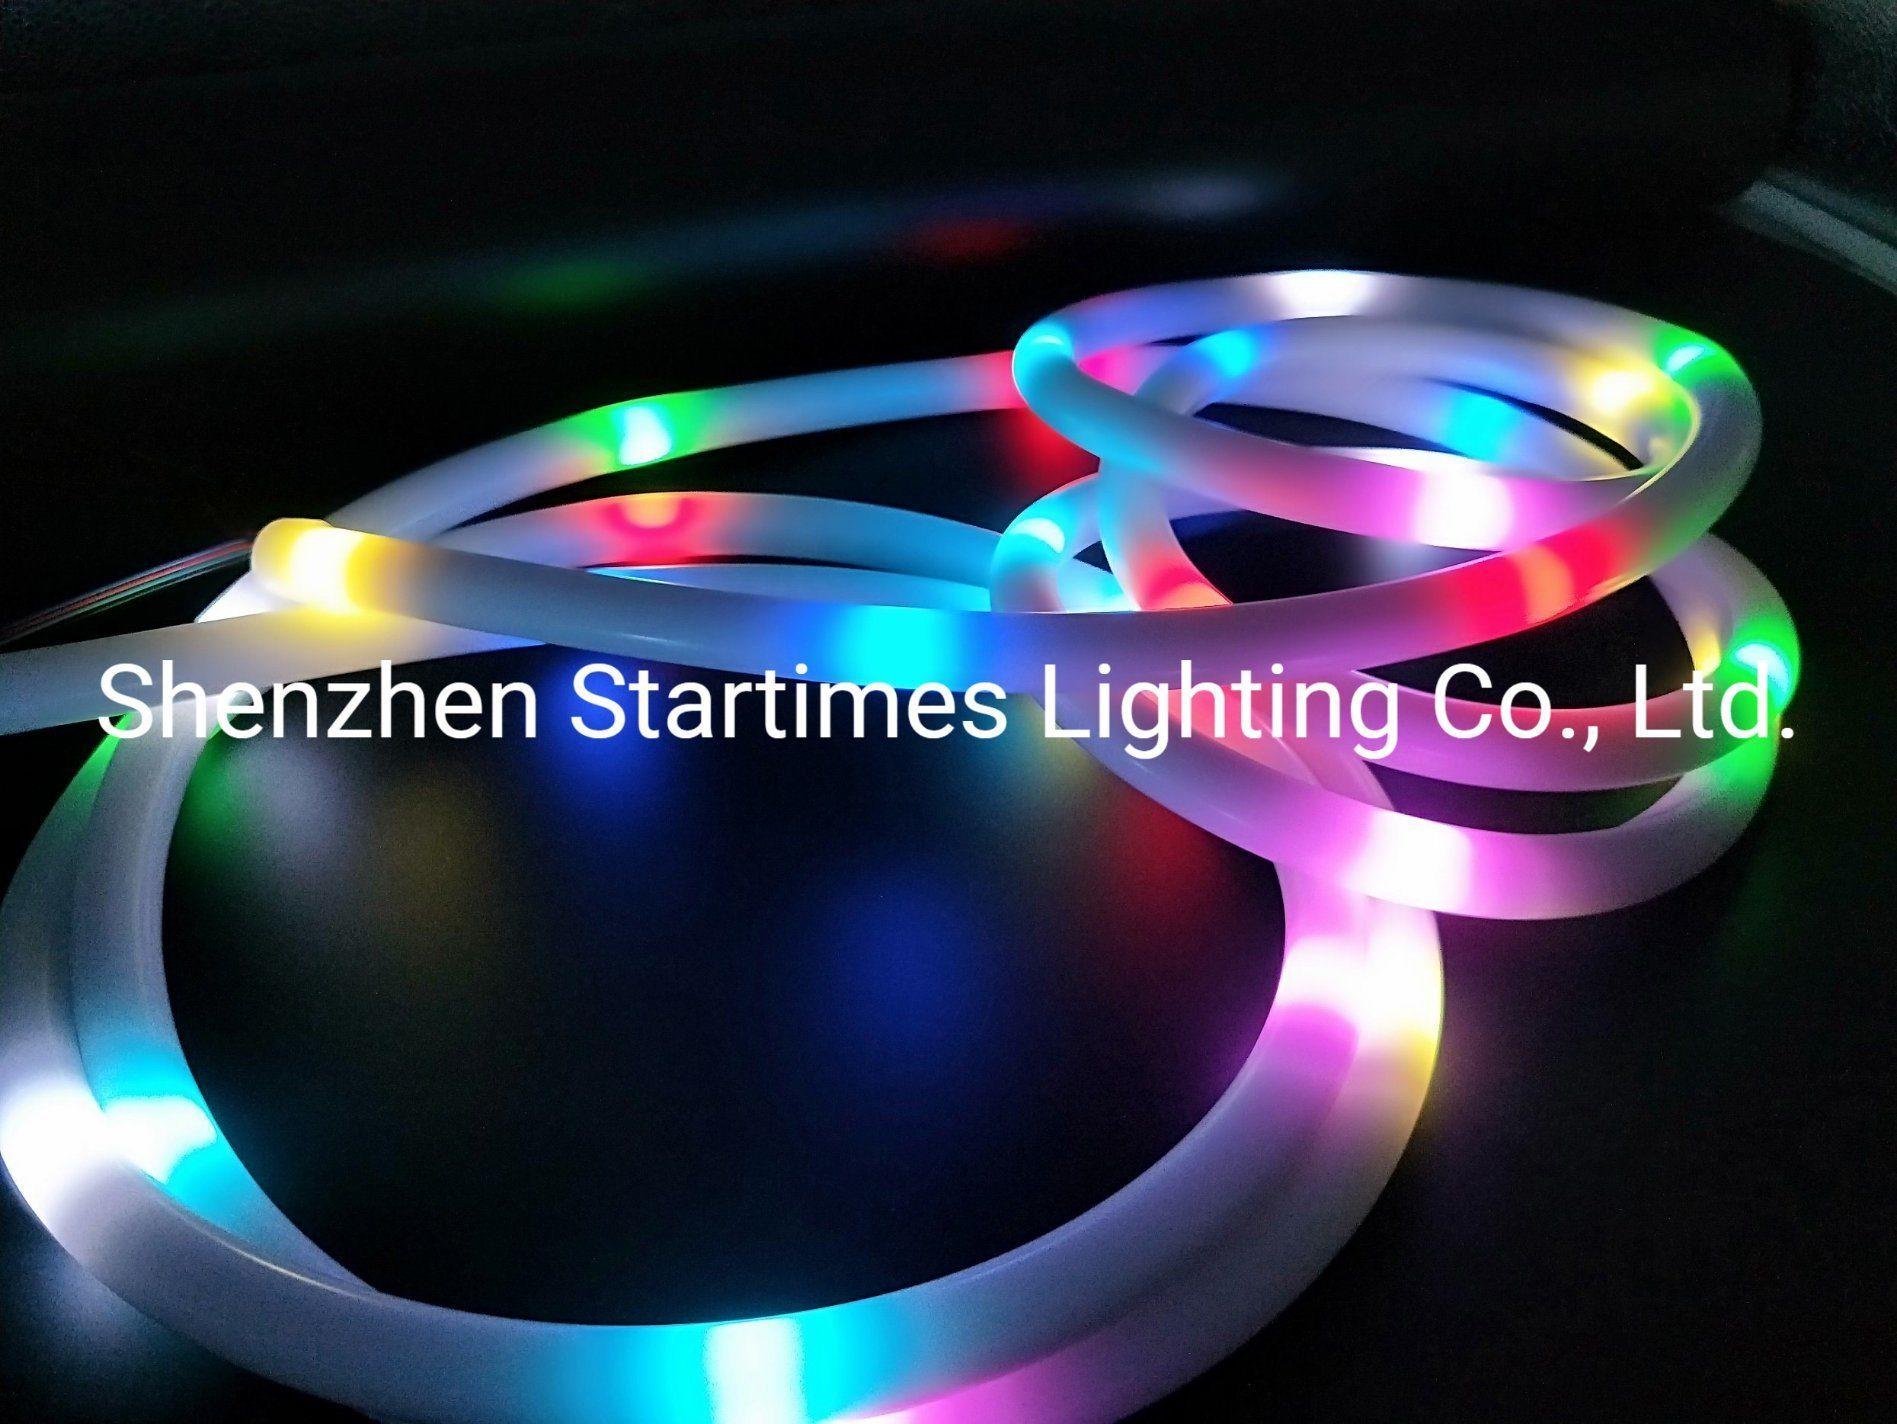 アドレス指定可能なケイ素5年の保証LED RGBピクセル360度の適用範囲が広いネオンLEDの滑走路端燈のクリスマスの装飾LEDはLEDの照明をつける